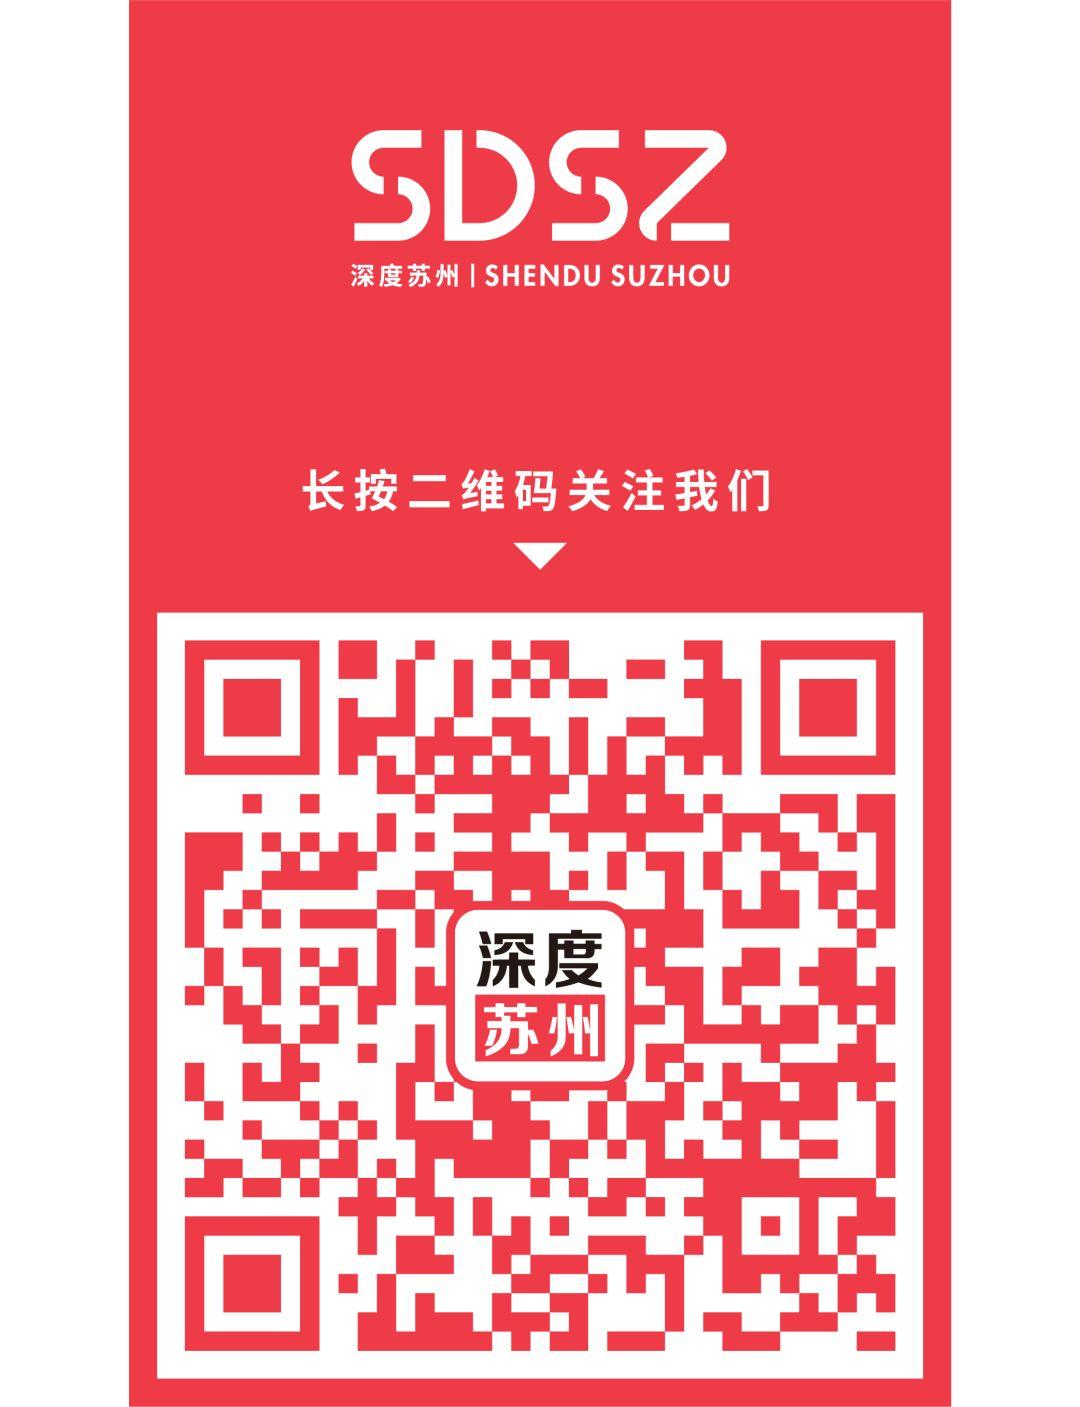 华为四大总部六大中心落户!苏州新格局,东华为微软、西阿里腾讯、北京东、南360!